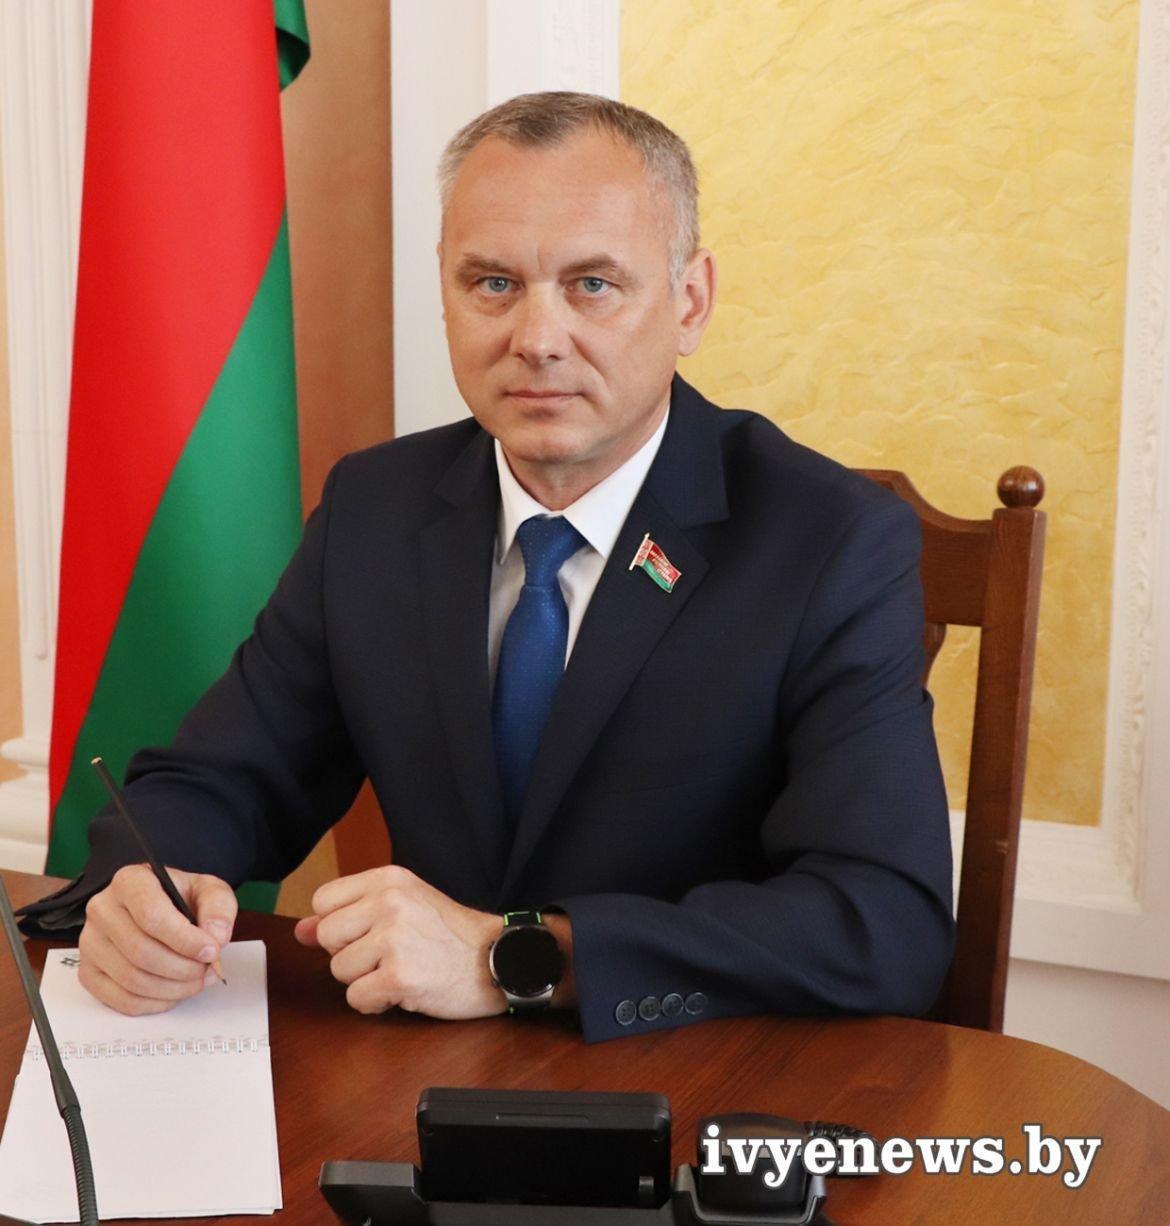 Ситуация с мигрантами показала истинное лицо литовской демократии